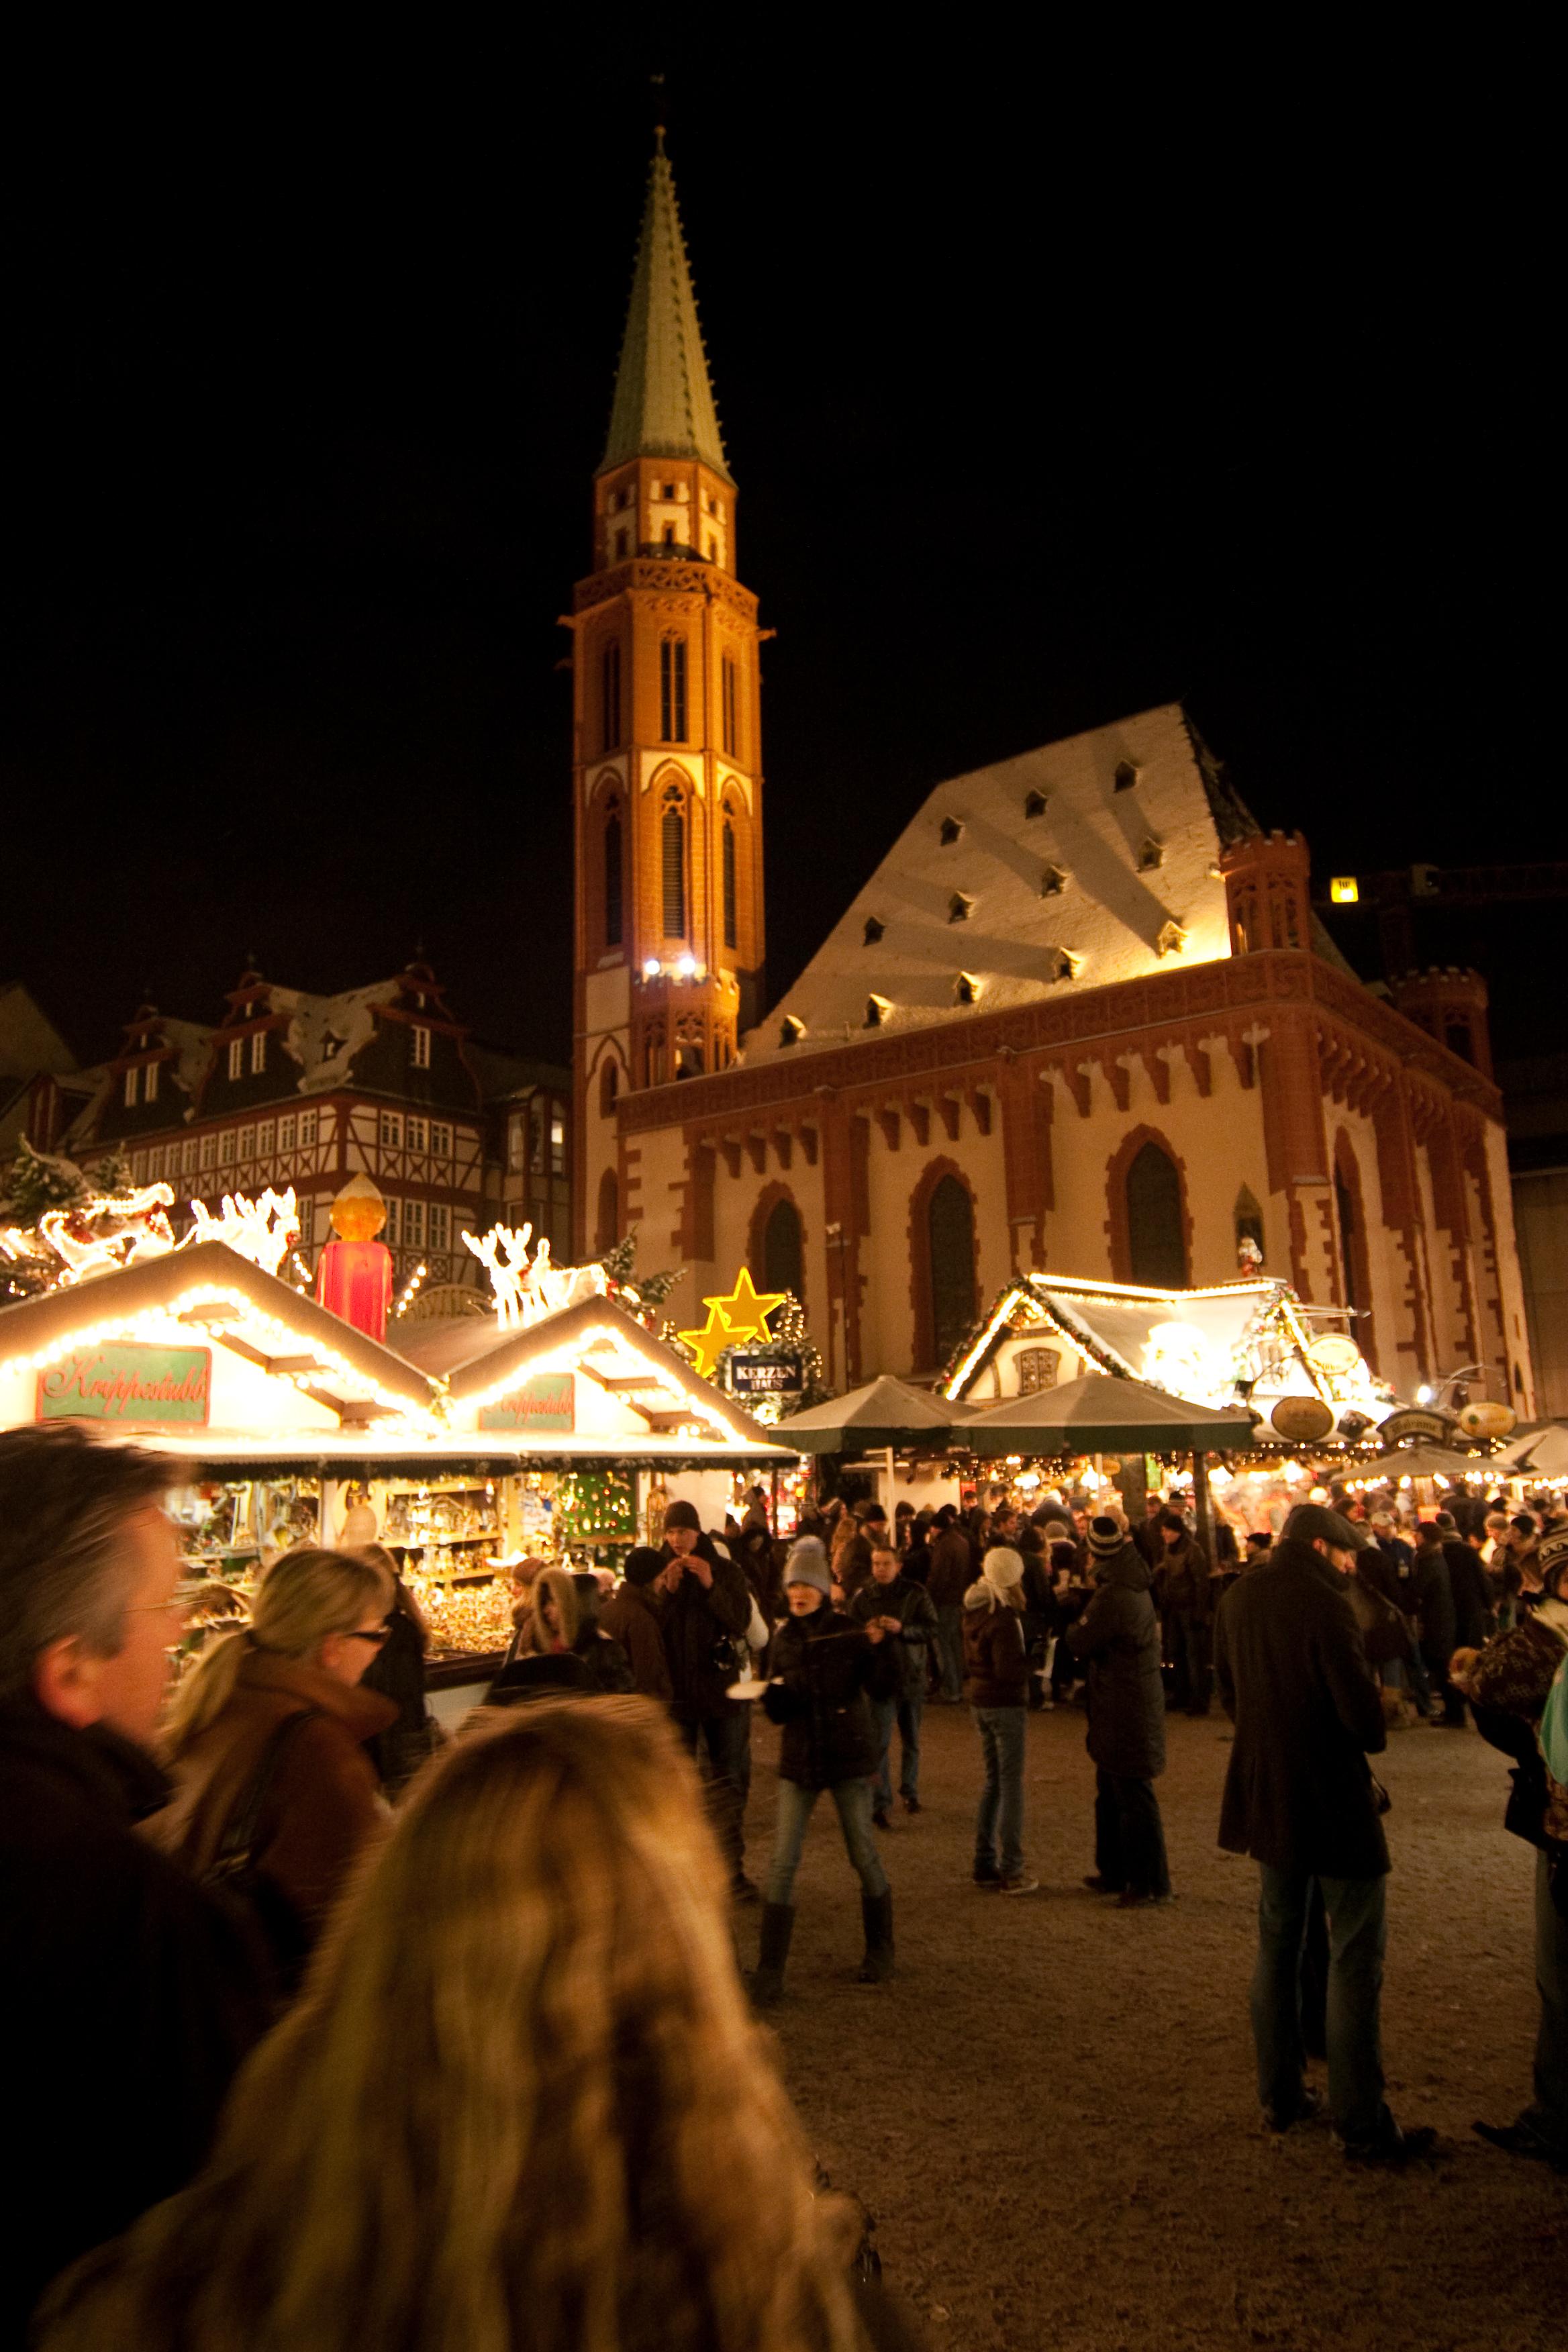 Frankfurter Weihnachtsmarkt.File Frankfurter Weihnachtsmarkt Nikolaikirche 1 Jpg Wikimedia